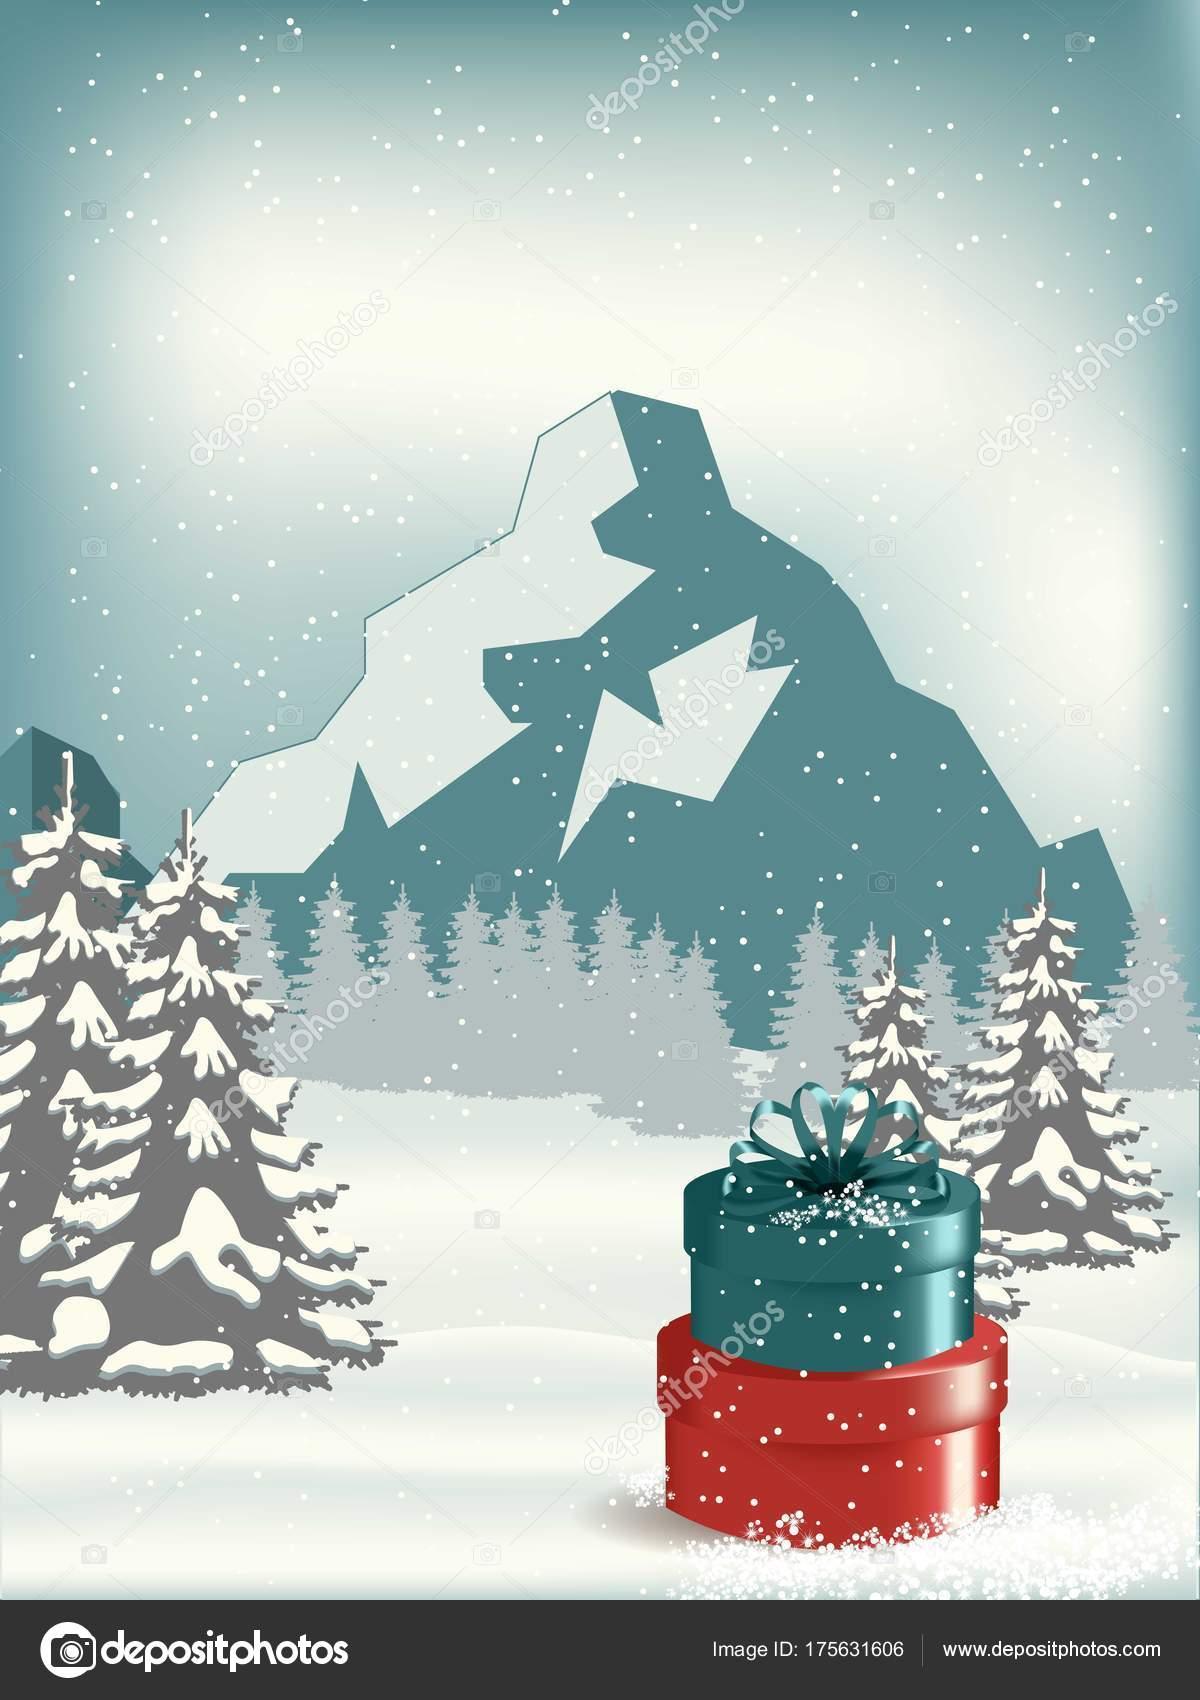 Weihnachten Landschaft Postkarte Illustration Einer Runde Mit ...